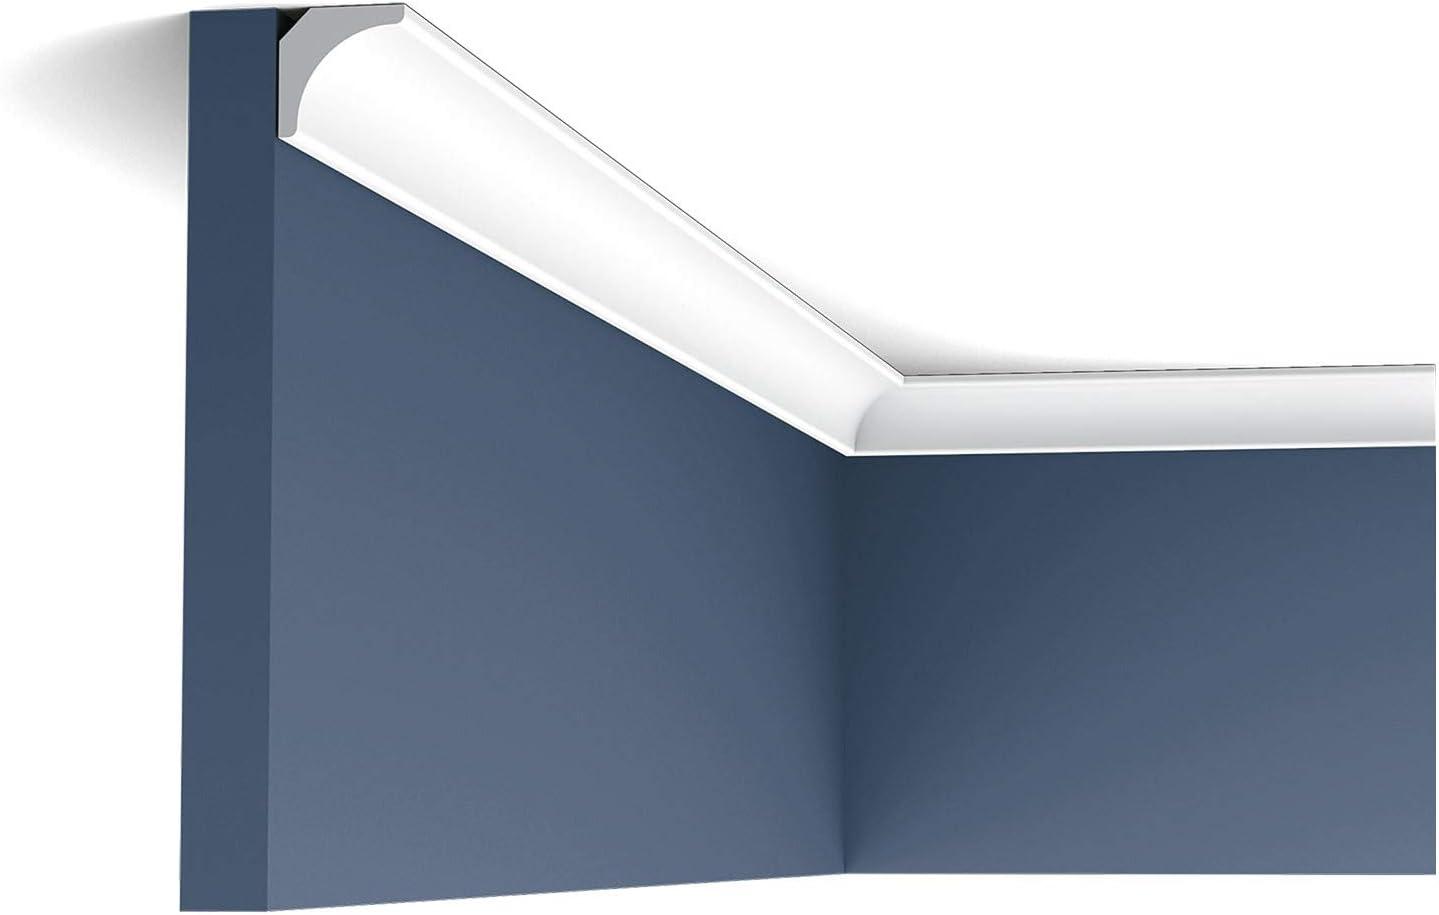 1-7//8 Proj Orac Decor Crown Moulding CX124 Primed Polyurethane Face 78-3//4 H 2-5//8 L 1-7//8